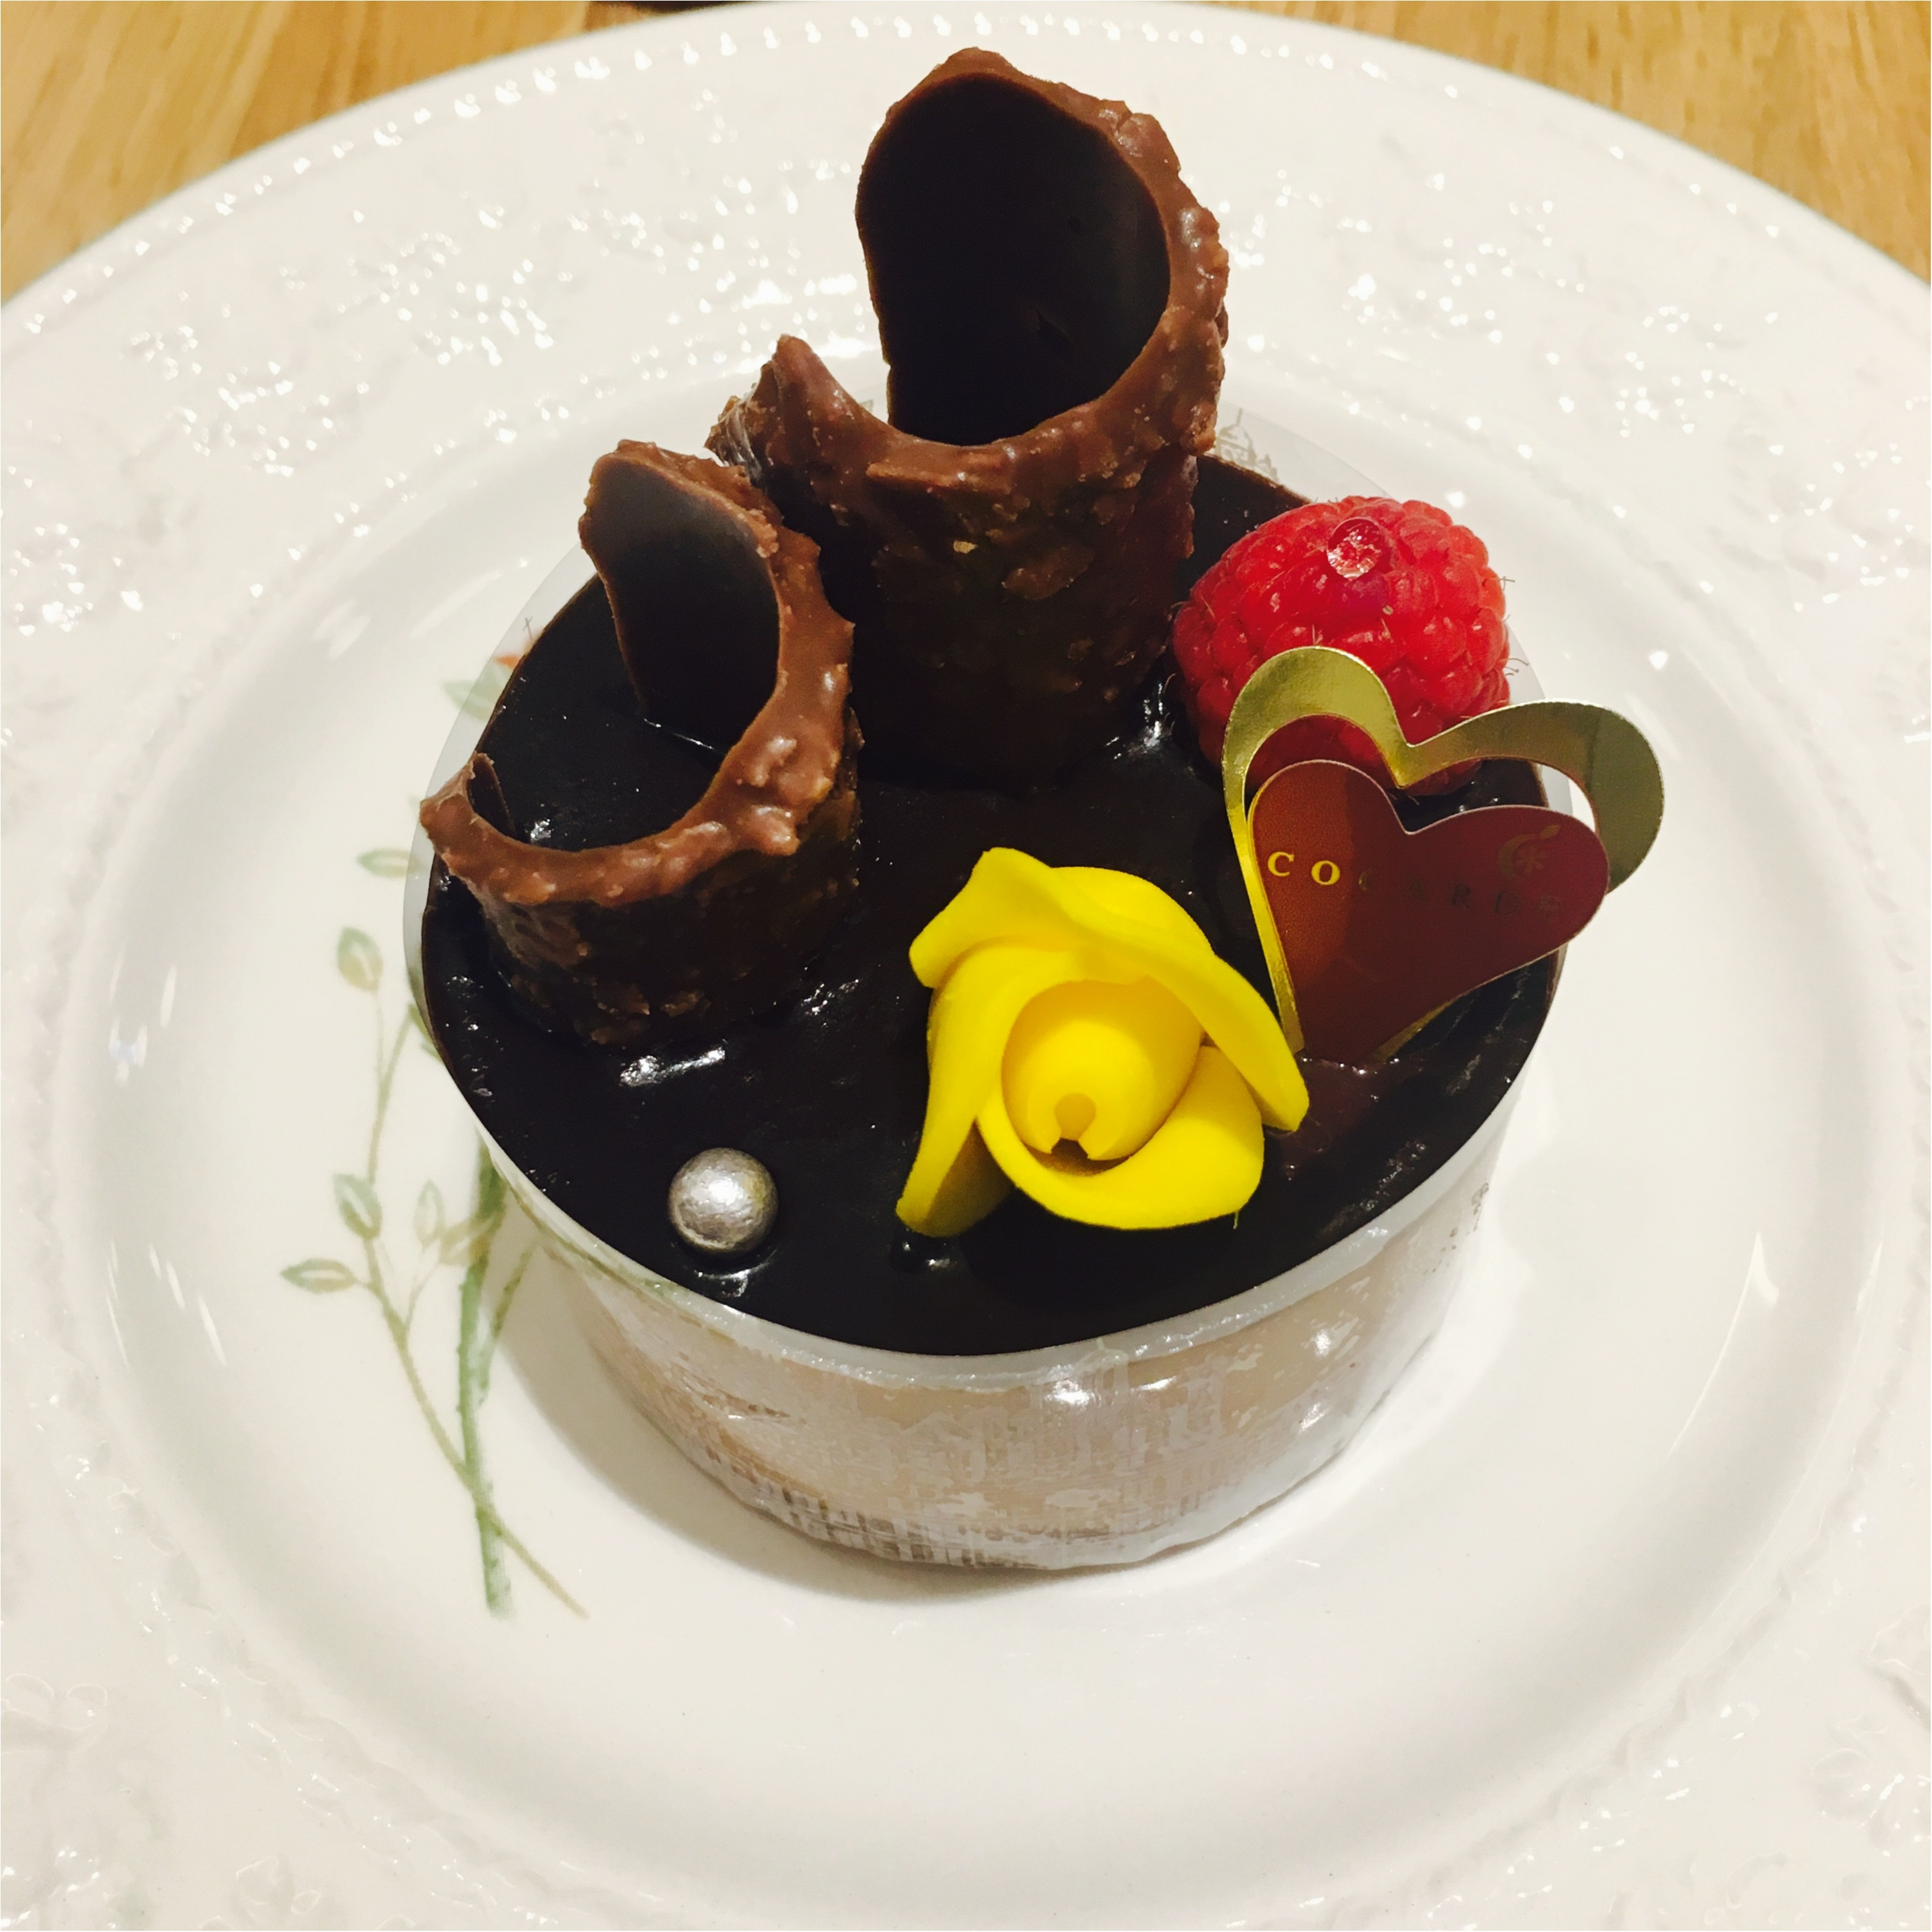 【京橋】にあるケーキ屋さん≪コカルド≫のランチ&ケーキがとっても美味しい!カフェタイムにもオススメ◎_2